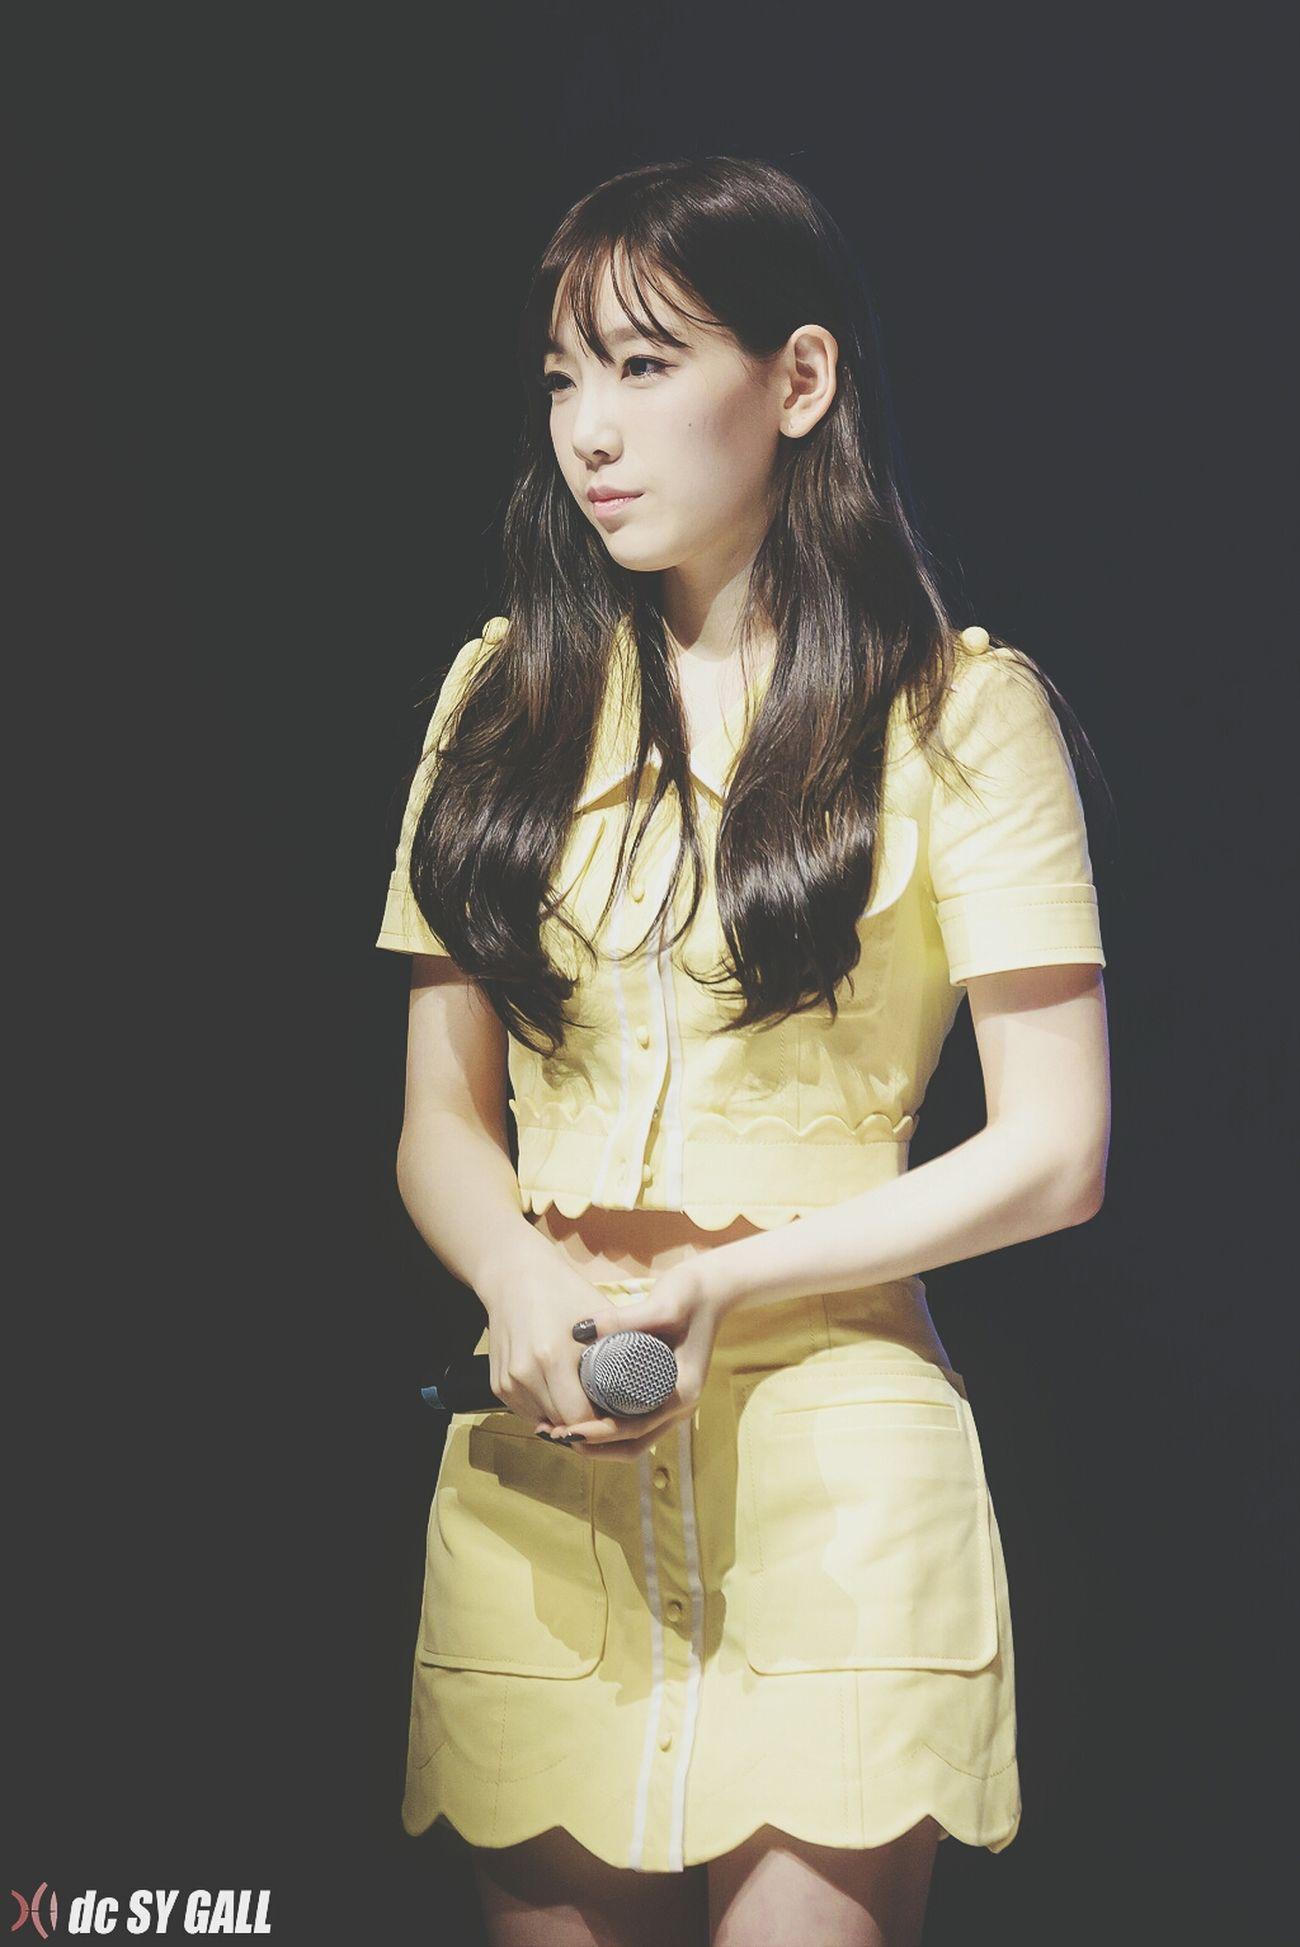 [FanTaken] 140315 Taeyeon @ Wapop Concert -[©As Tagged] Taeyeon SNSD GirlsGeneration Soshi